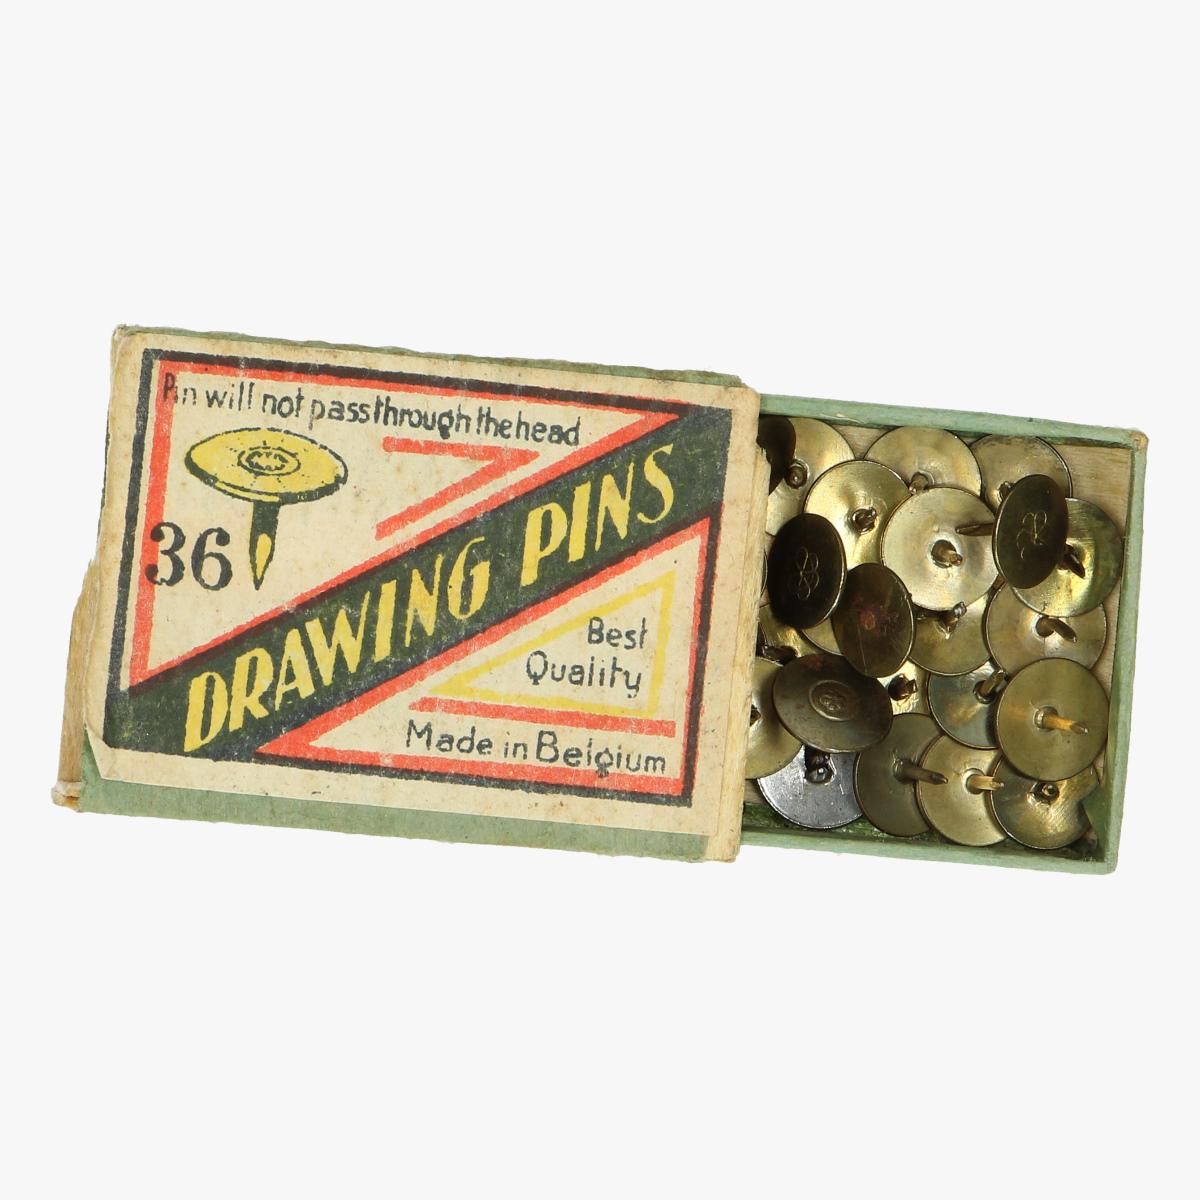 Afbeeldingen van oude doosje drawing pins made in belguim